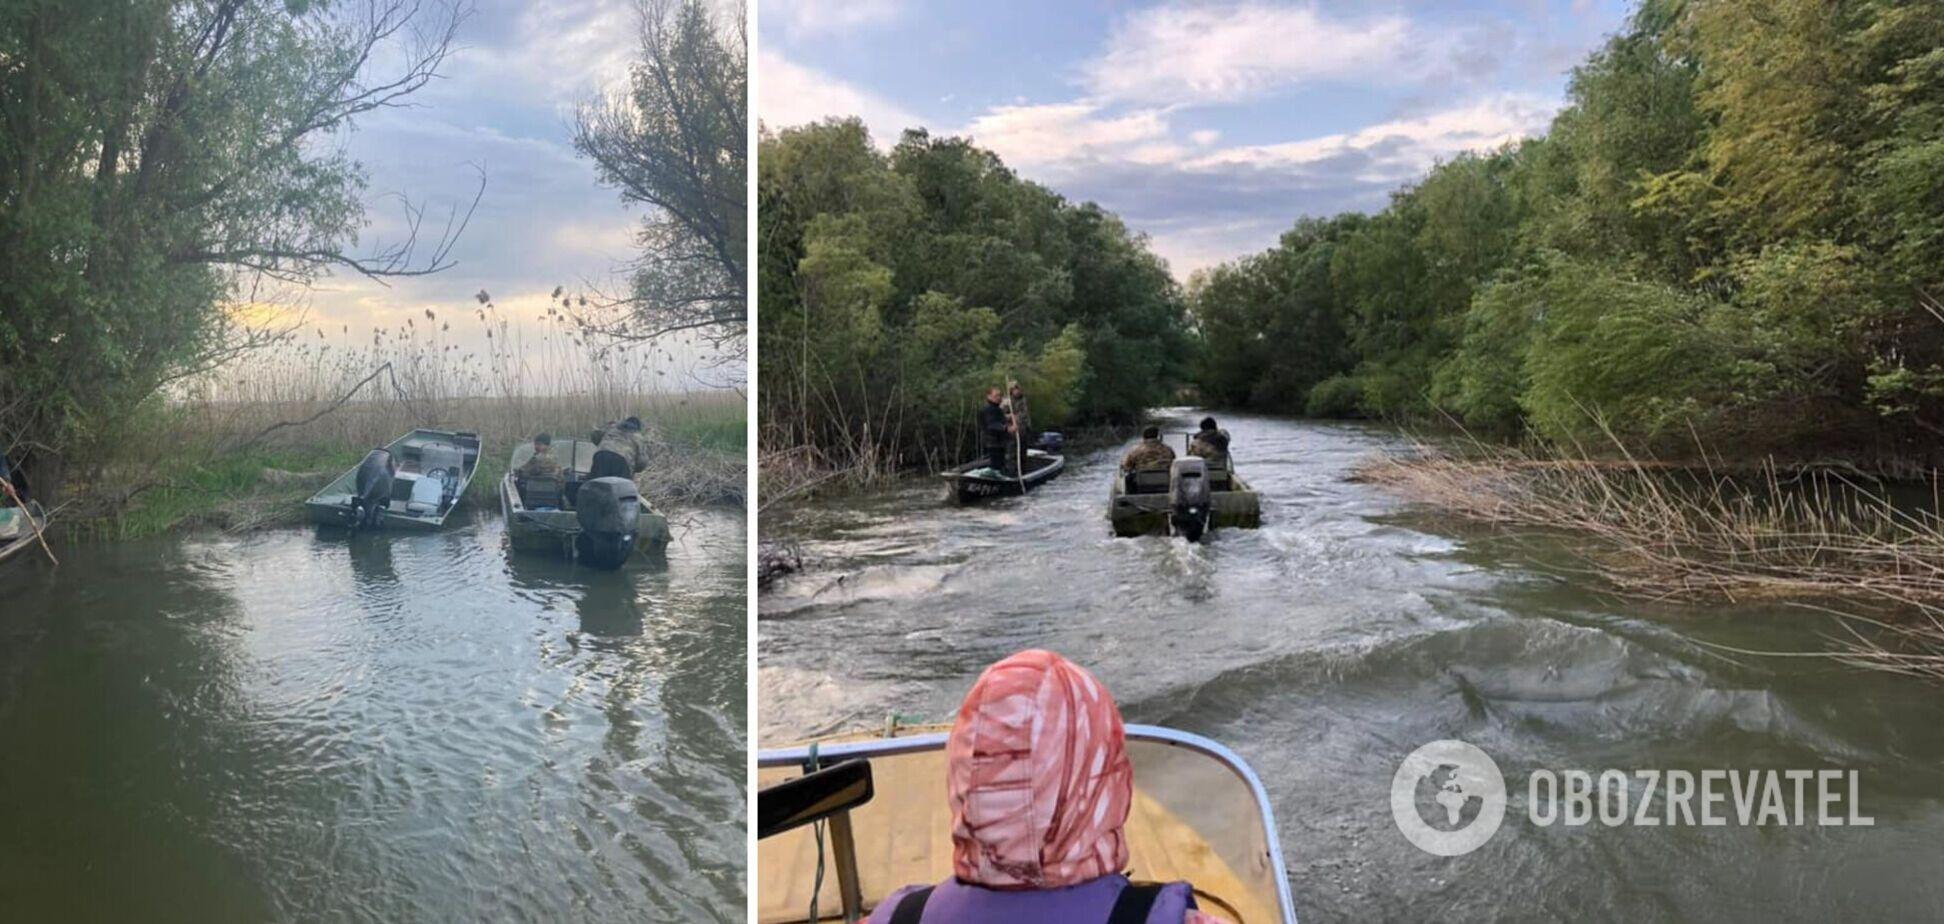 На Одесщине перевернулась лодка с пограничниками: началась поисковая операция. Фото и видео